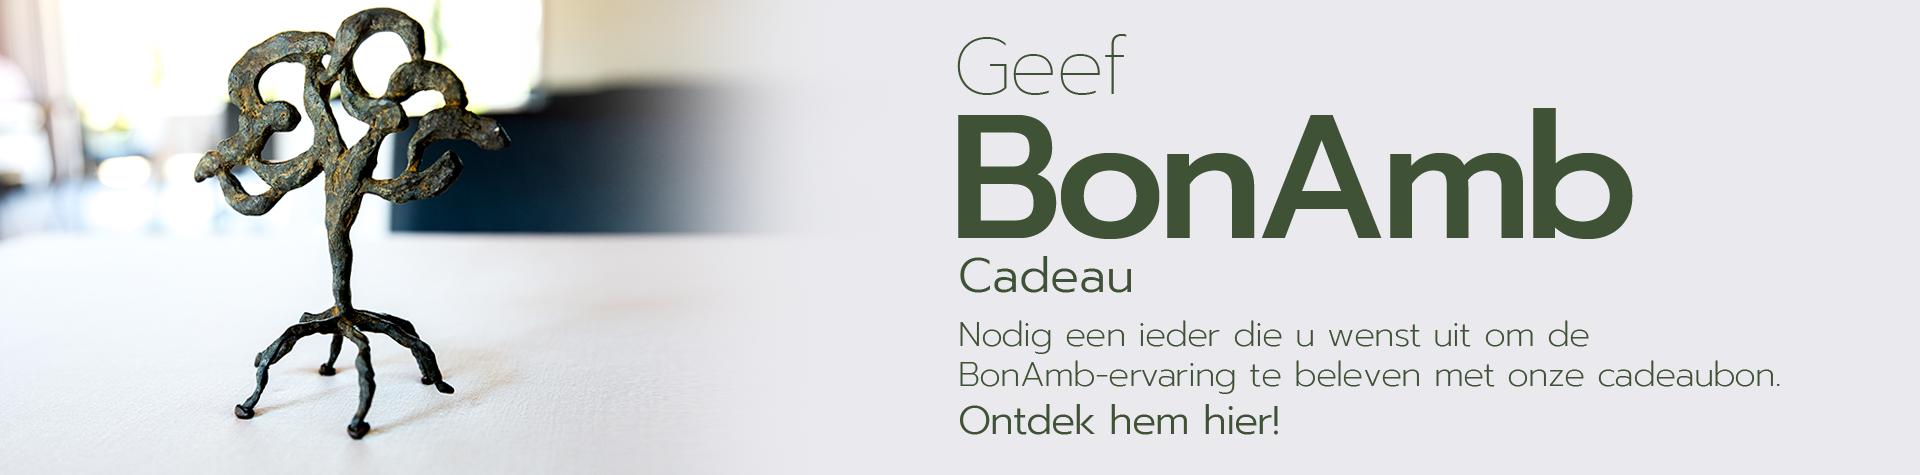 Cadeaubon BonAmb